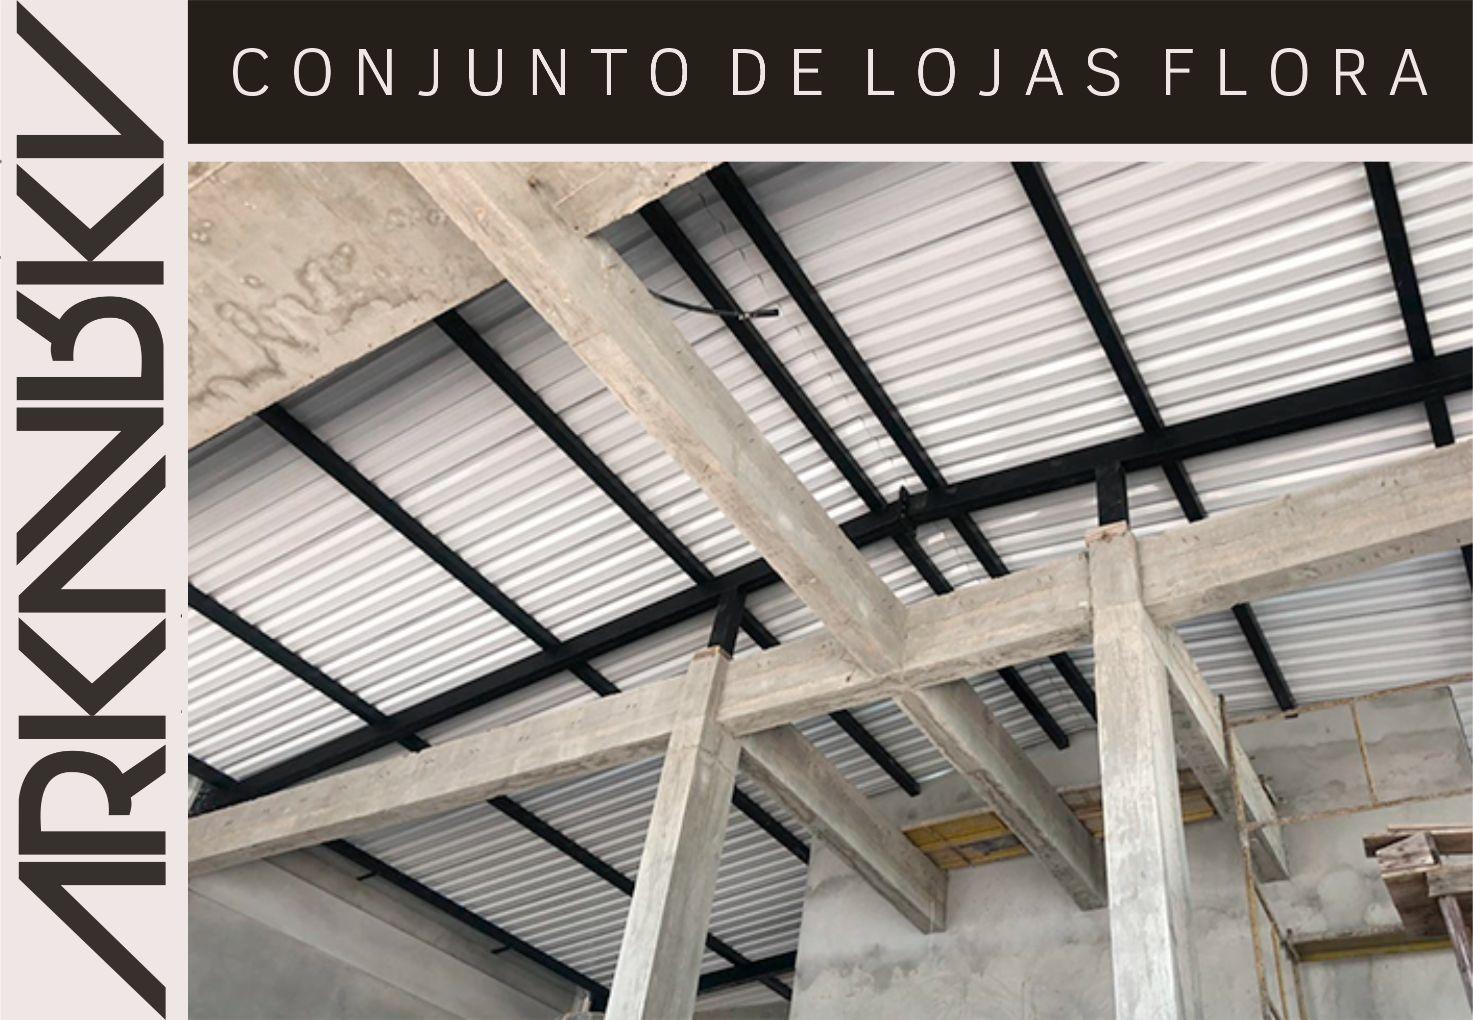 CONJUNTO DE LOJAS FLORA